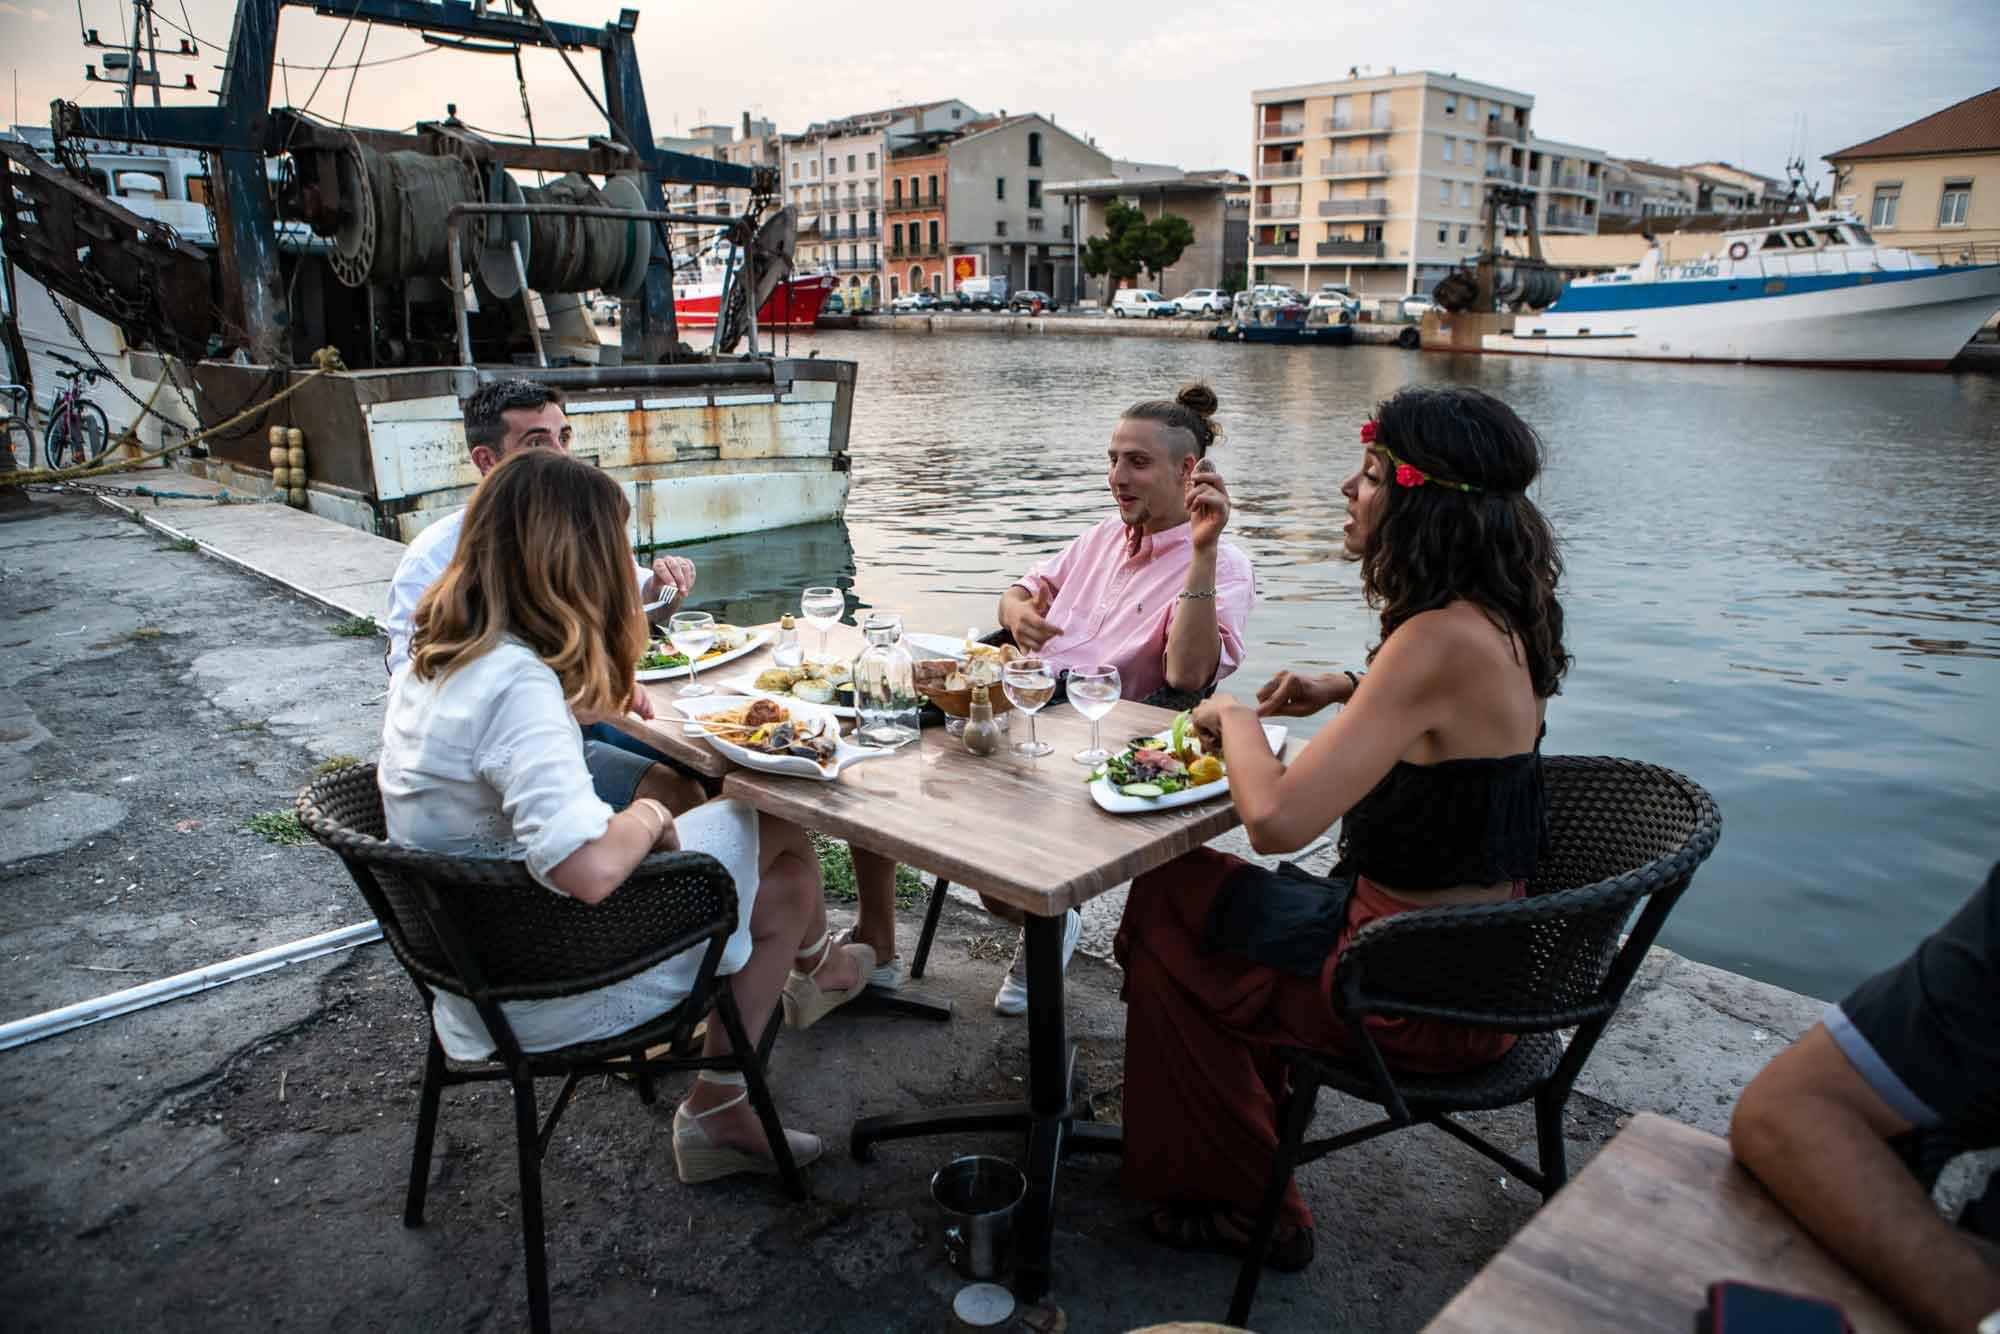 Repas au bord de l'eau